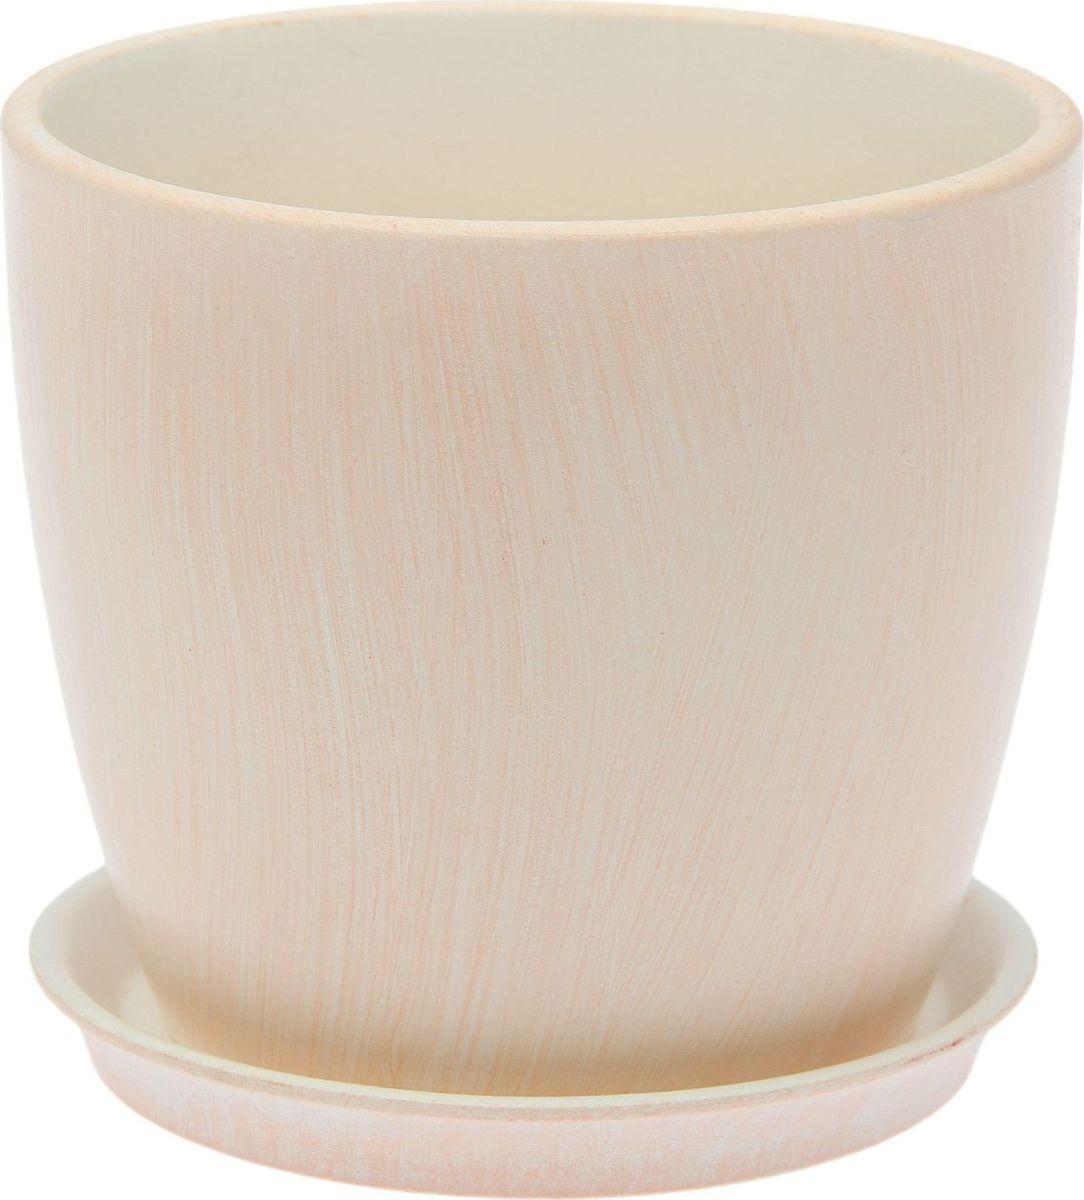 Кашпо Керамика ручной работы Осень. Патина, цвет: лососевый, 3 л1968882Комнатные растения — всеобщие любимцы. Они радуют глаз, насыщают помещение кислородом и украшают пространство. Каждому из них необходим свой удобный и красивый дом. Кашпо из керамики прекрасно подходят для высадки растений: за счёт пластичности глины и разных способов обработки существует великое множество форм и дизайновпористый материал позволяет испаряться лишней влагевоздух, необходимый для дыхания корней, проникает сквозь керамические стенки! #name# позаботится о зелёном питомце, освежит интерьер и подчеркнёт его стиль.